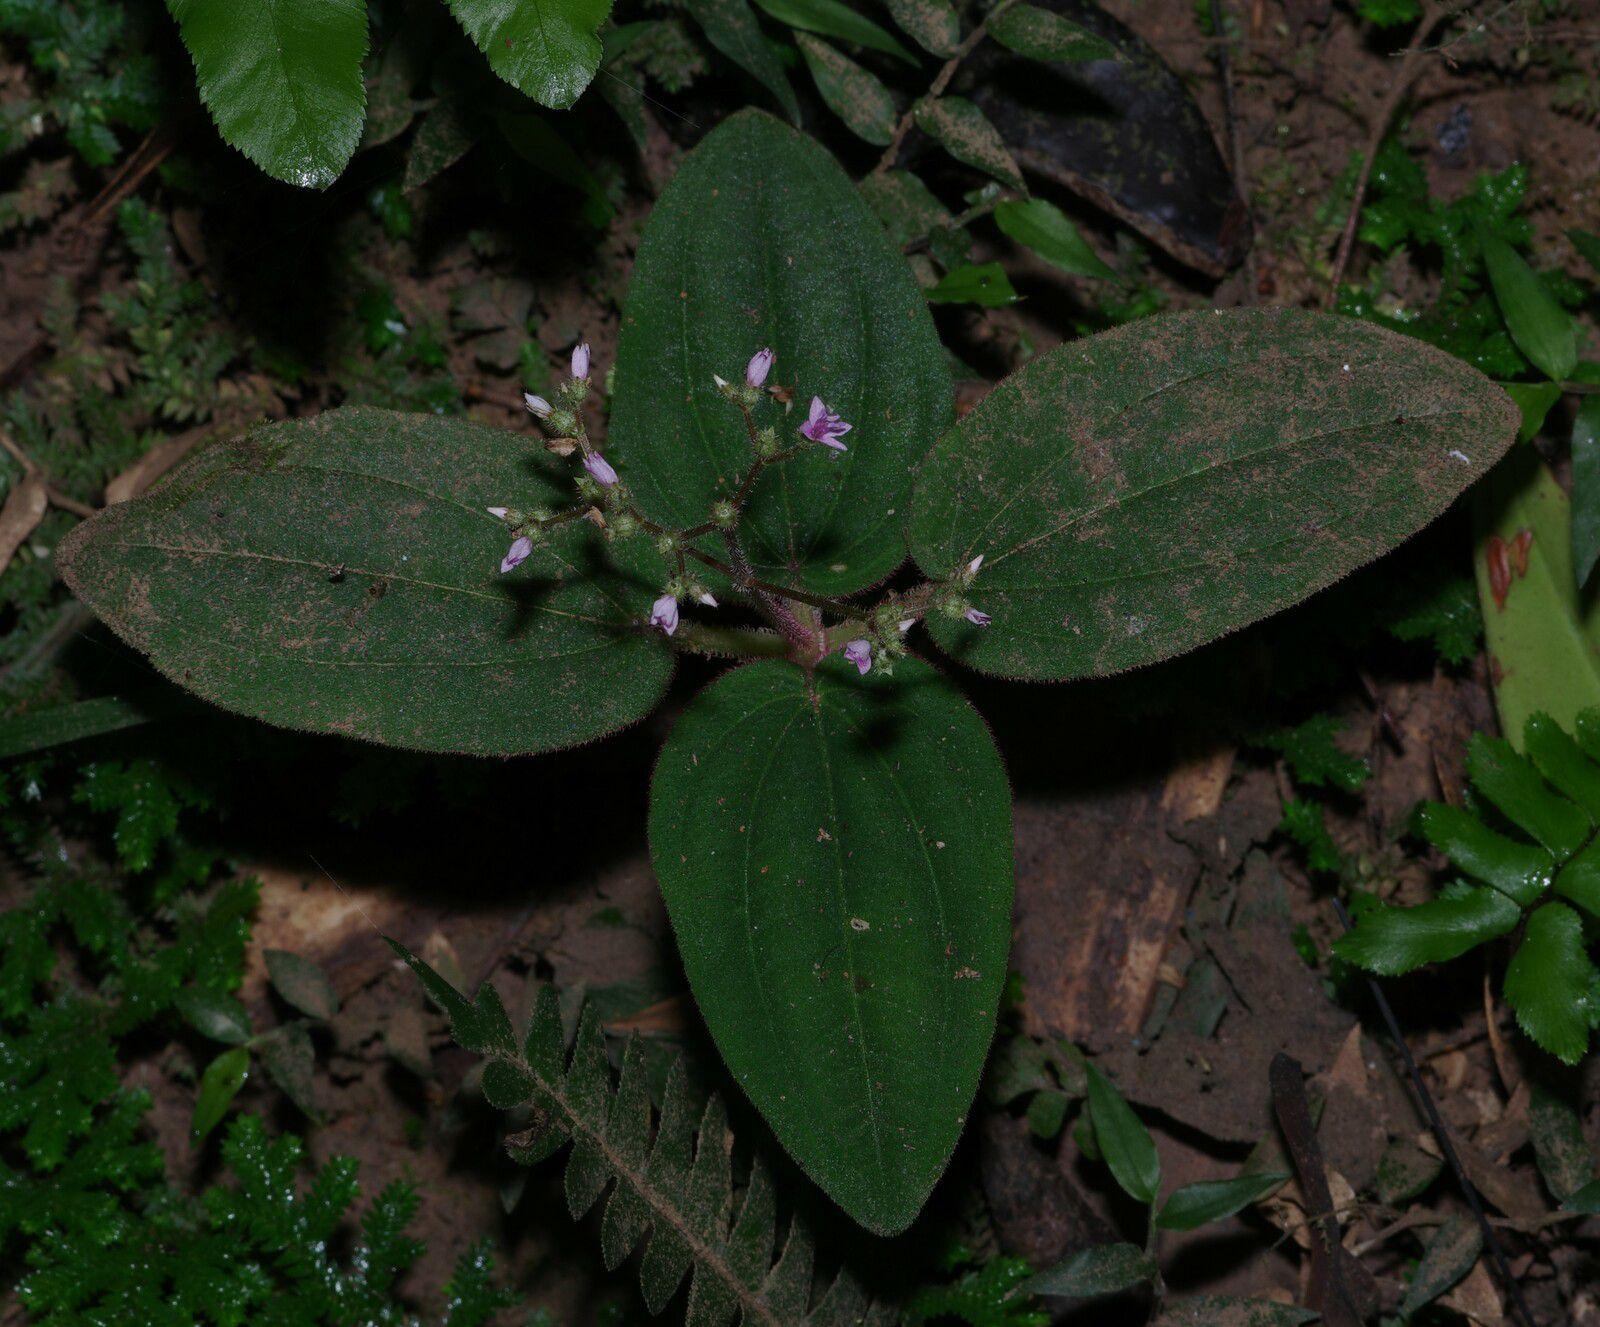 Aciotis ornata